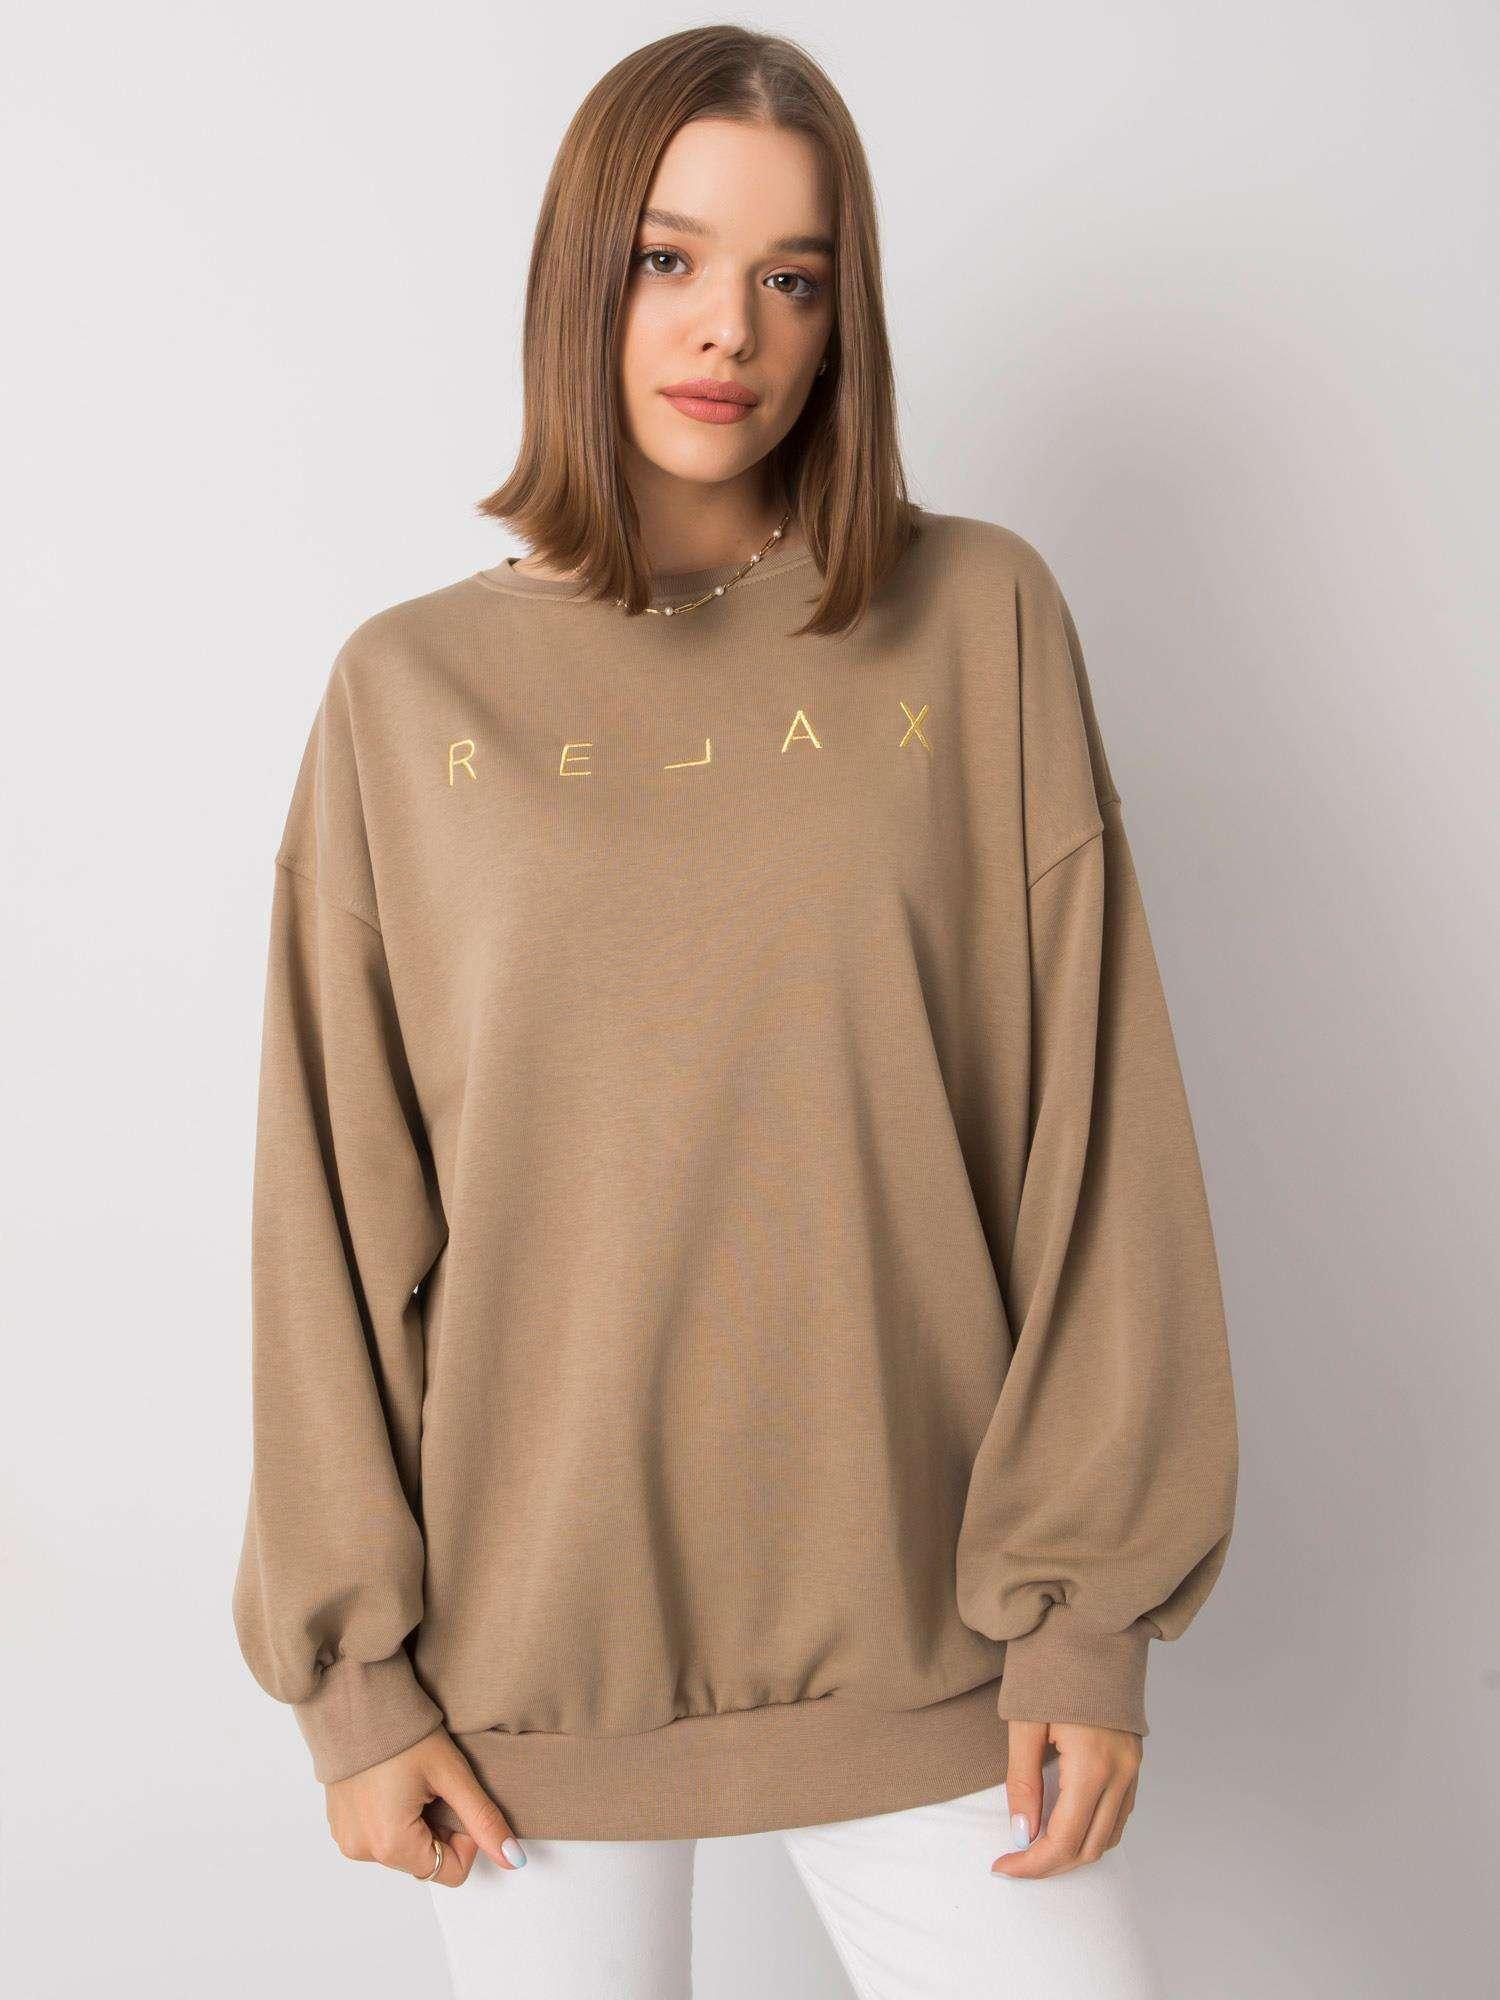 Sweatshirt in Beige mit goldener  Stickerei Vorderansicht